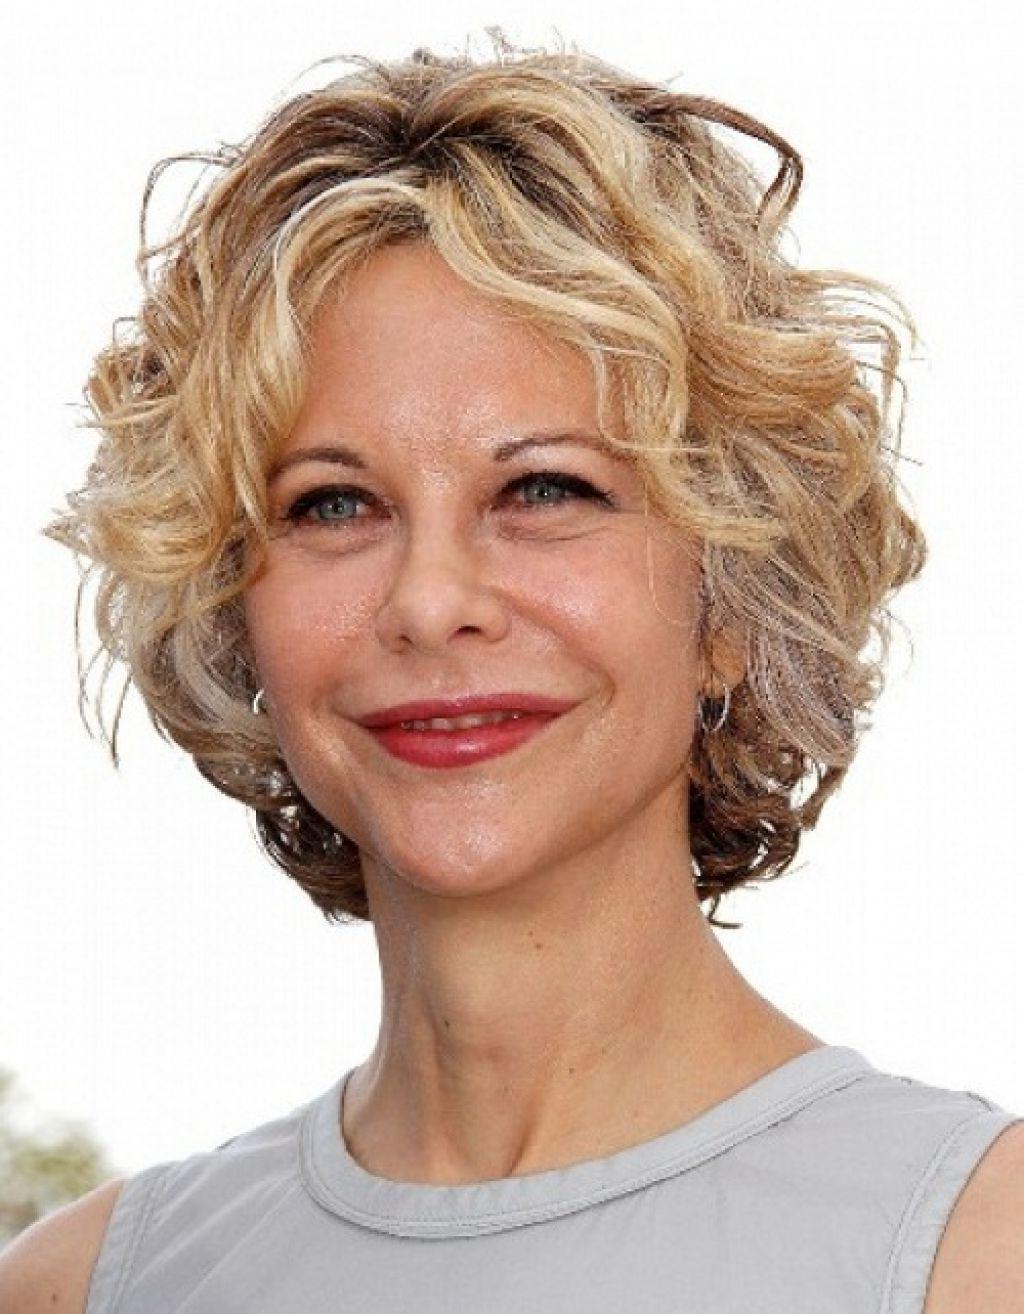 Hair Color For Women Over 40   Women Short Hairstyles   Hair For Short Curly Hairstyles For Over (View 17 of 25)